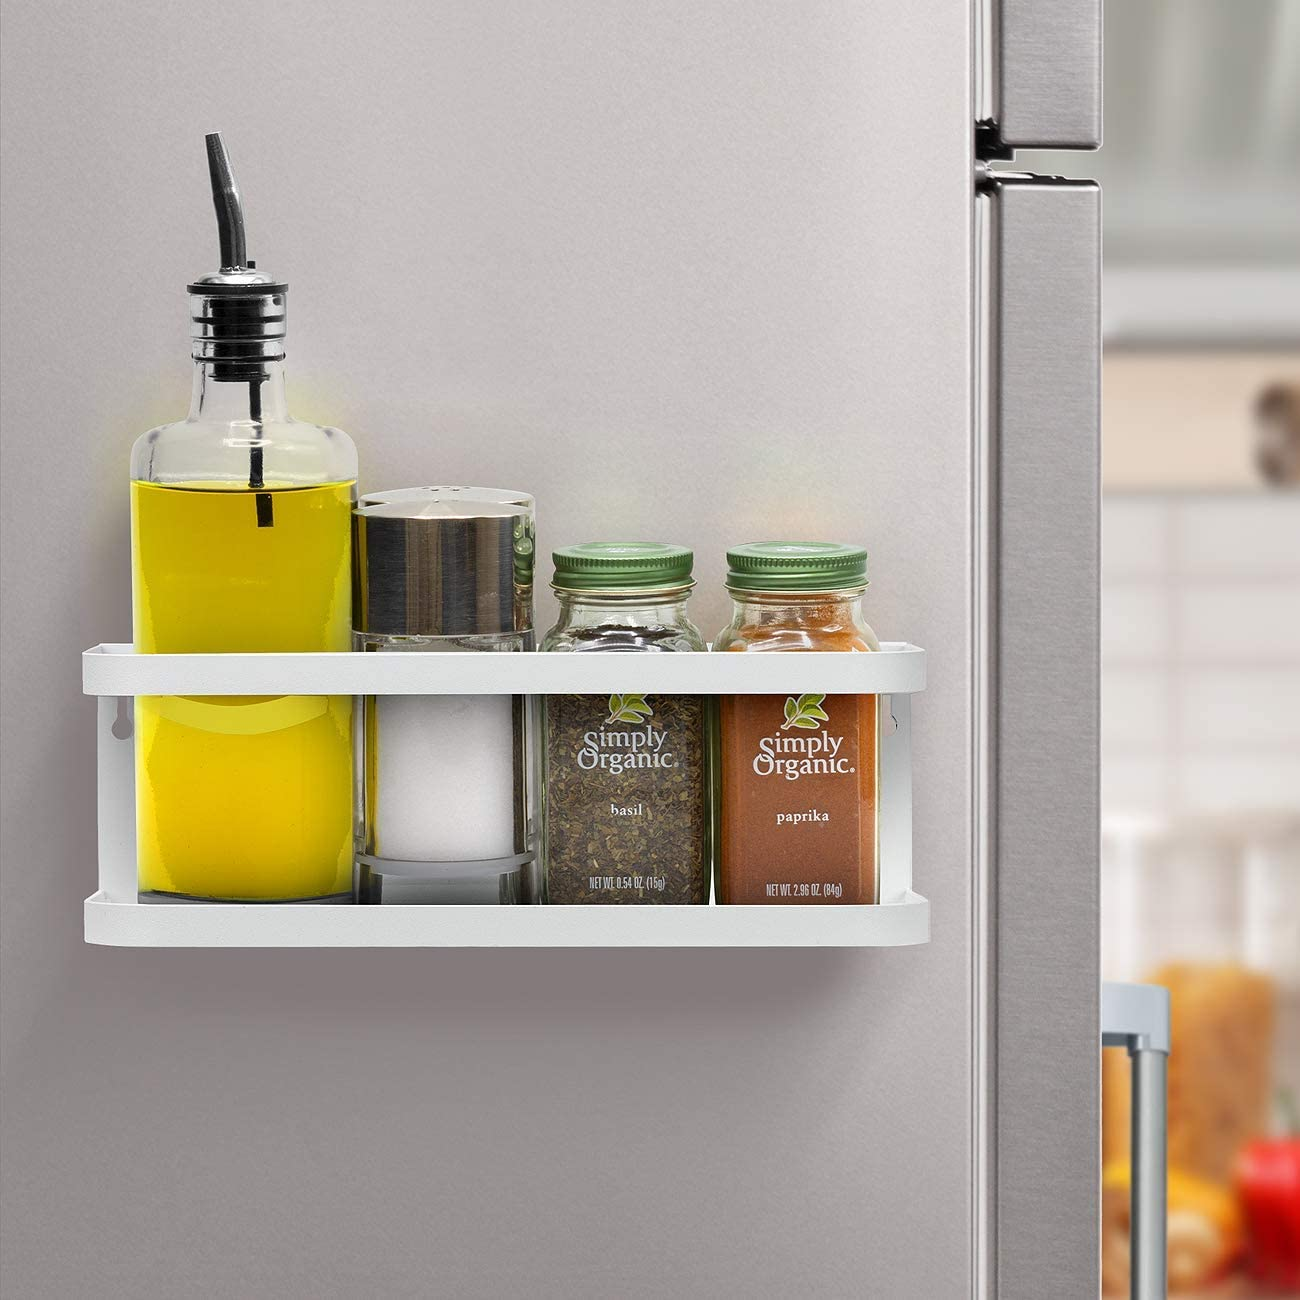 Estanter/ía colgante para frigor/ífico estante magn/ético para especias con estante ganchos estante cocina organizador de cocina almacenamiento magn/ético organizador estante para especias cocina sal/ón